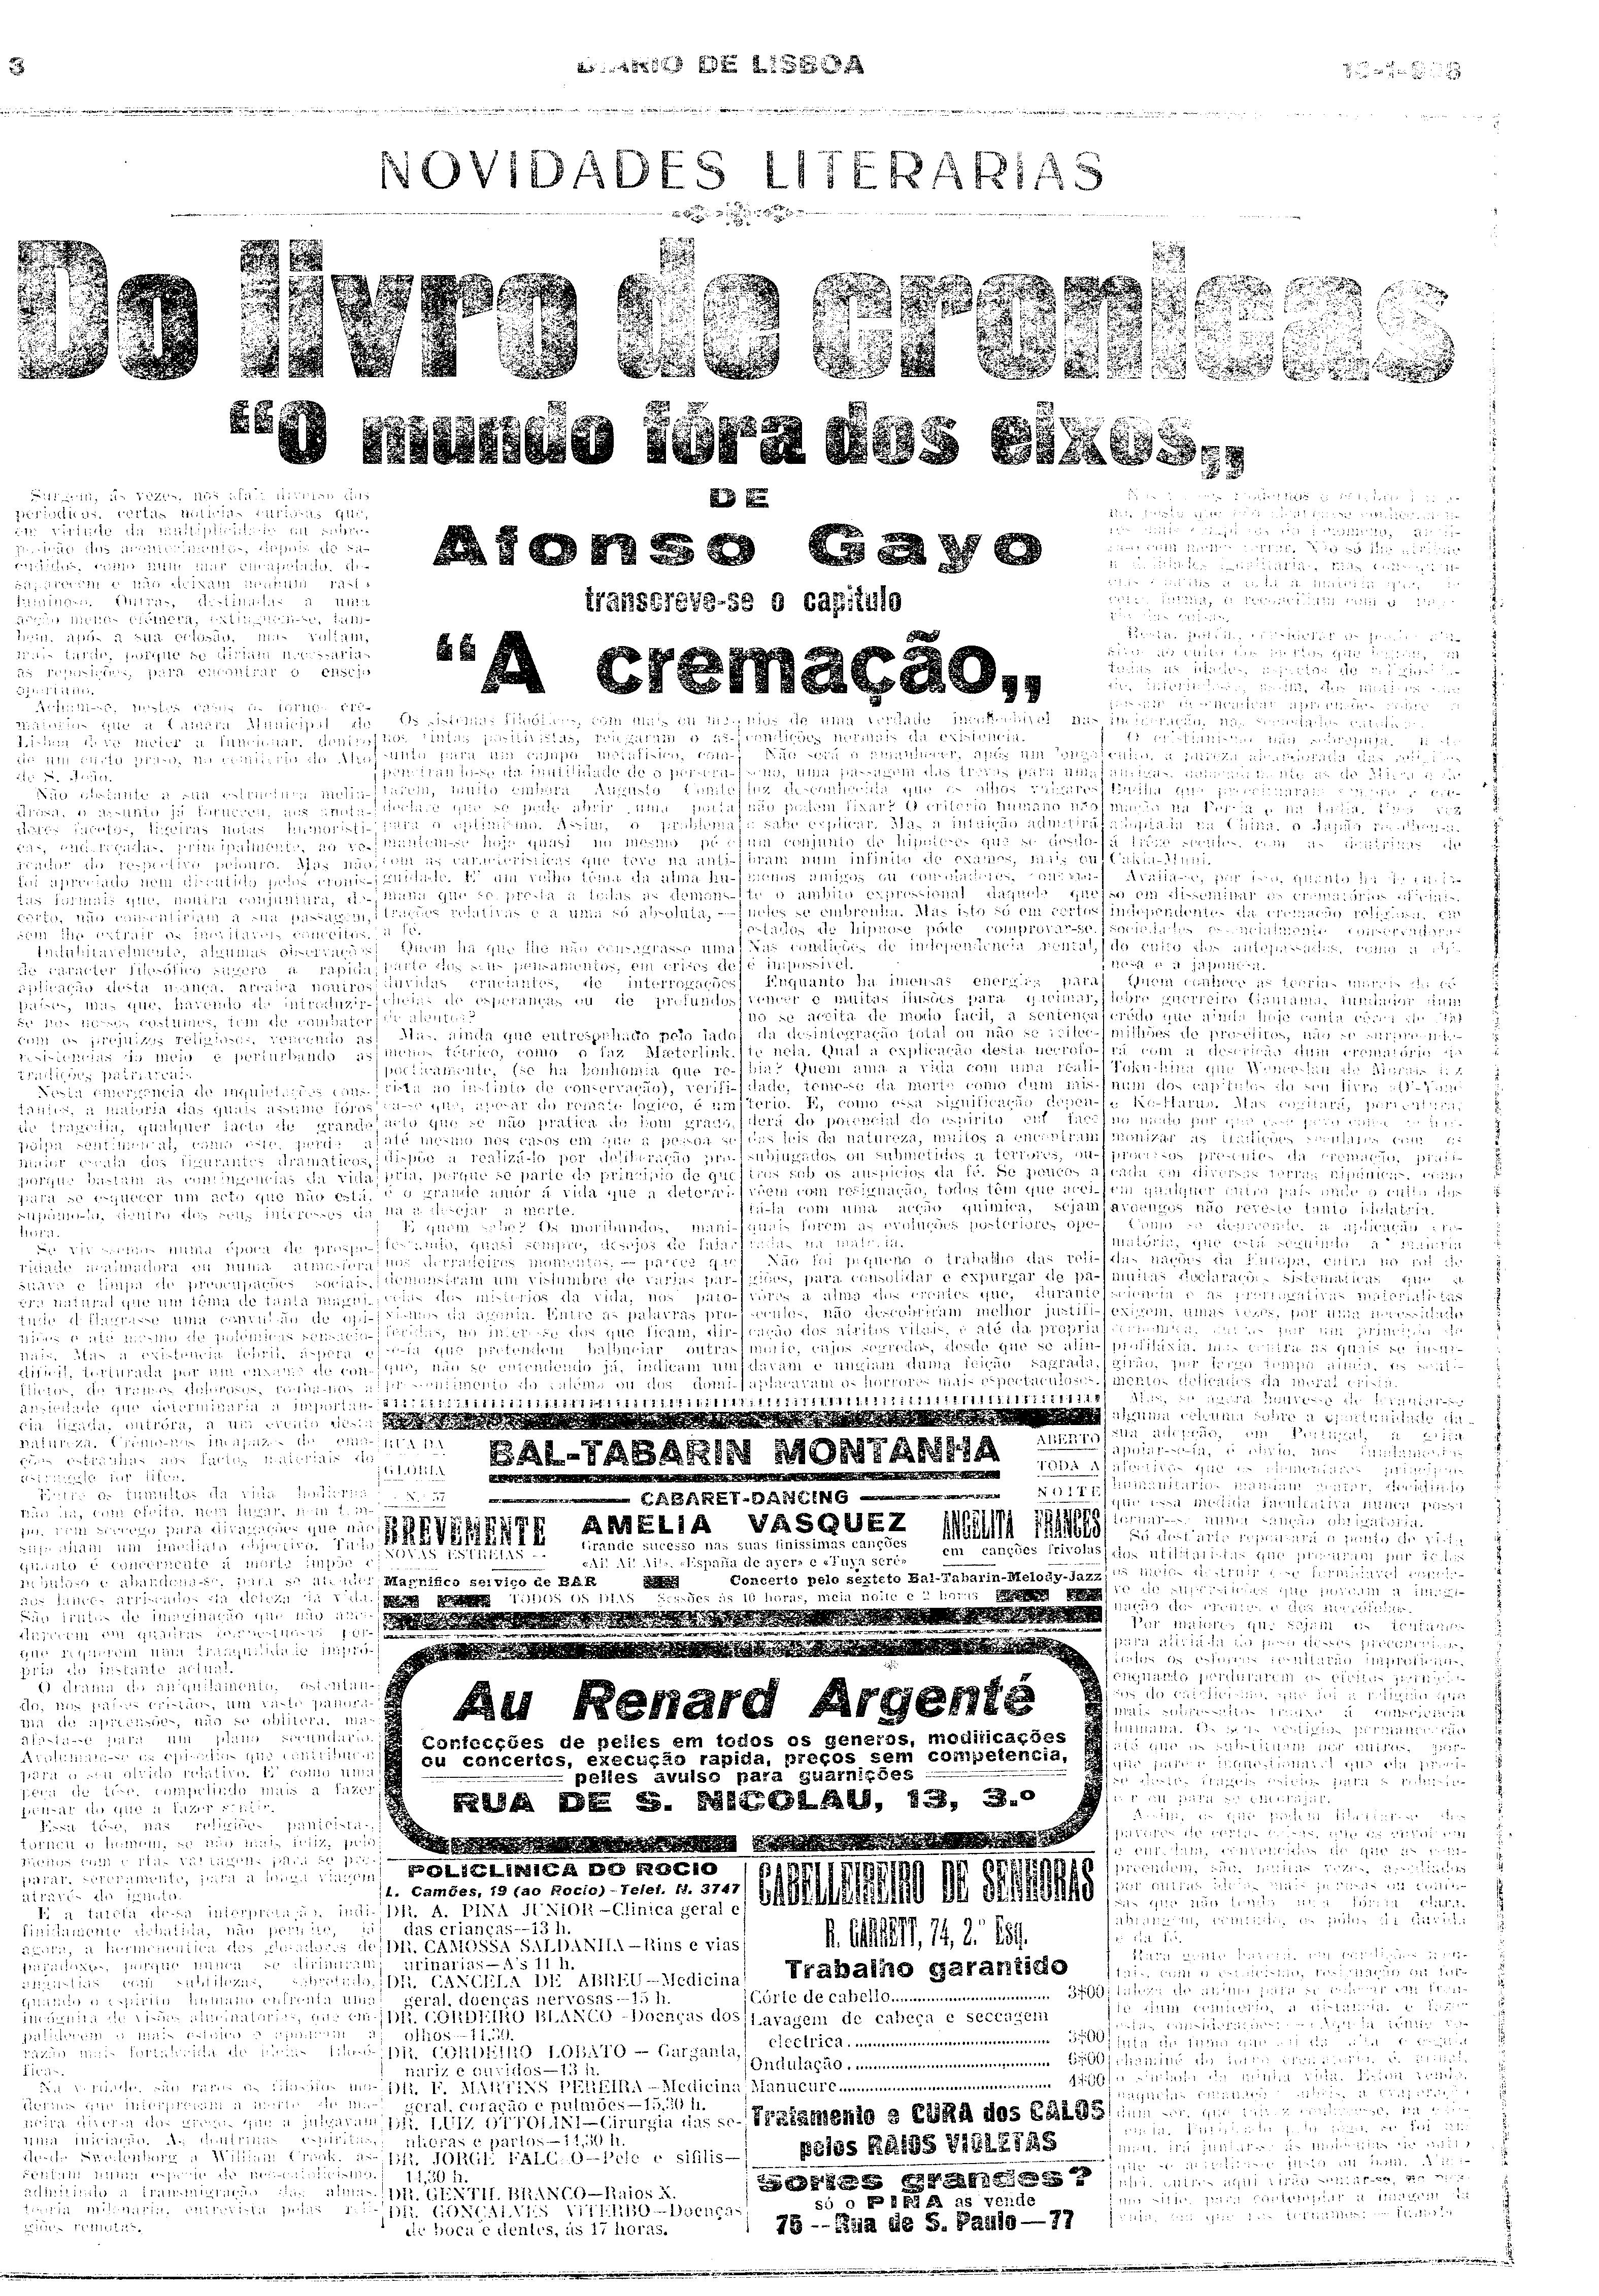 05745.009.02439- pag.3